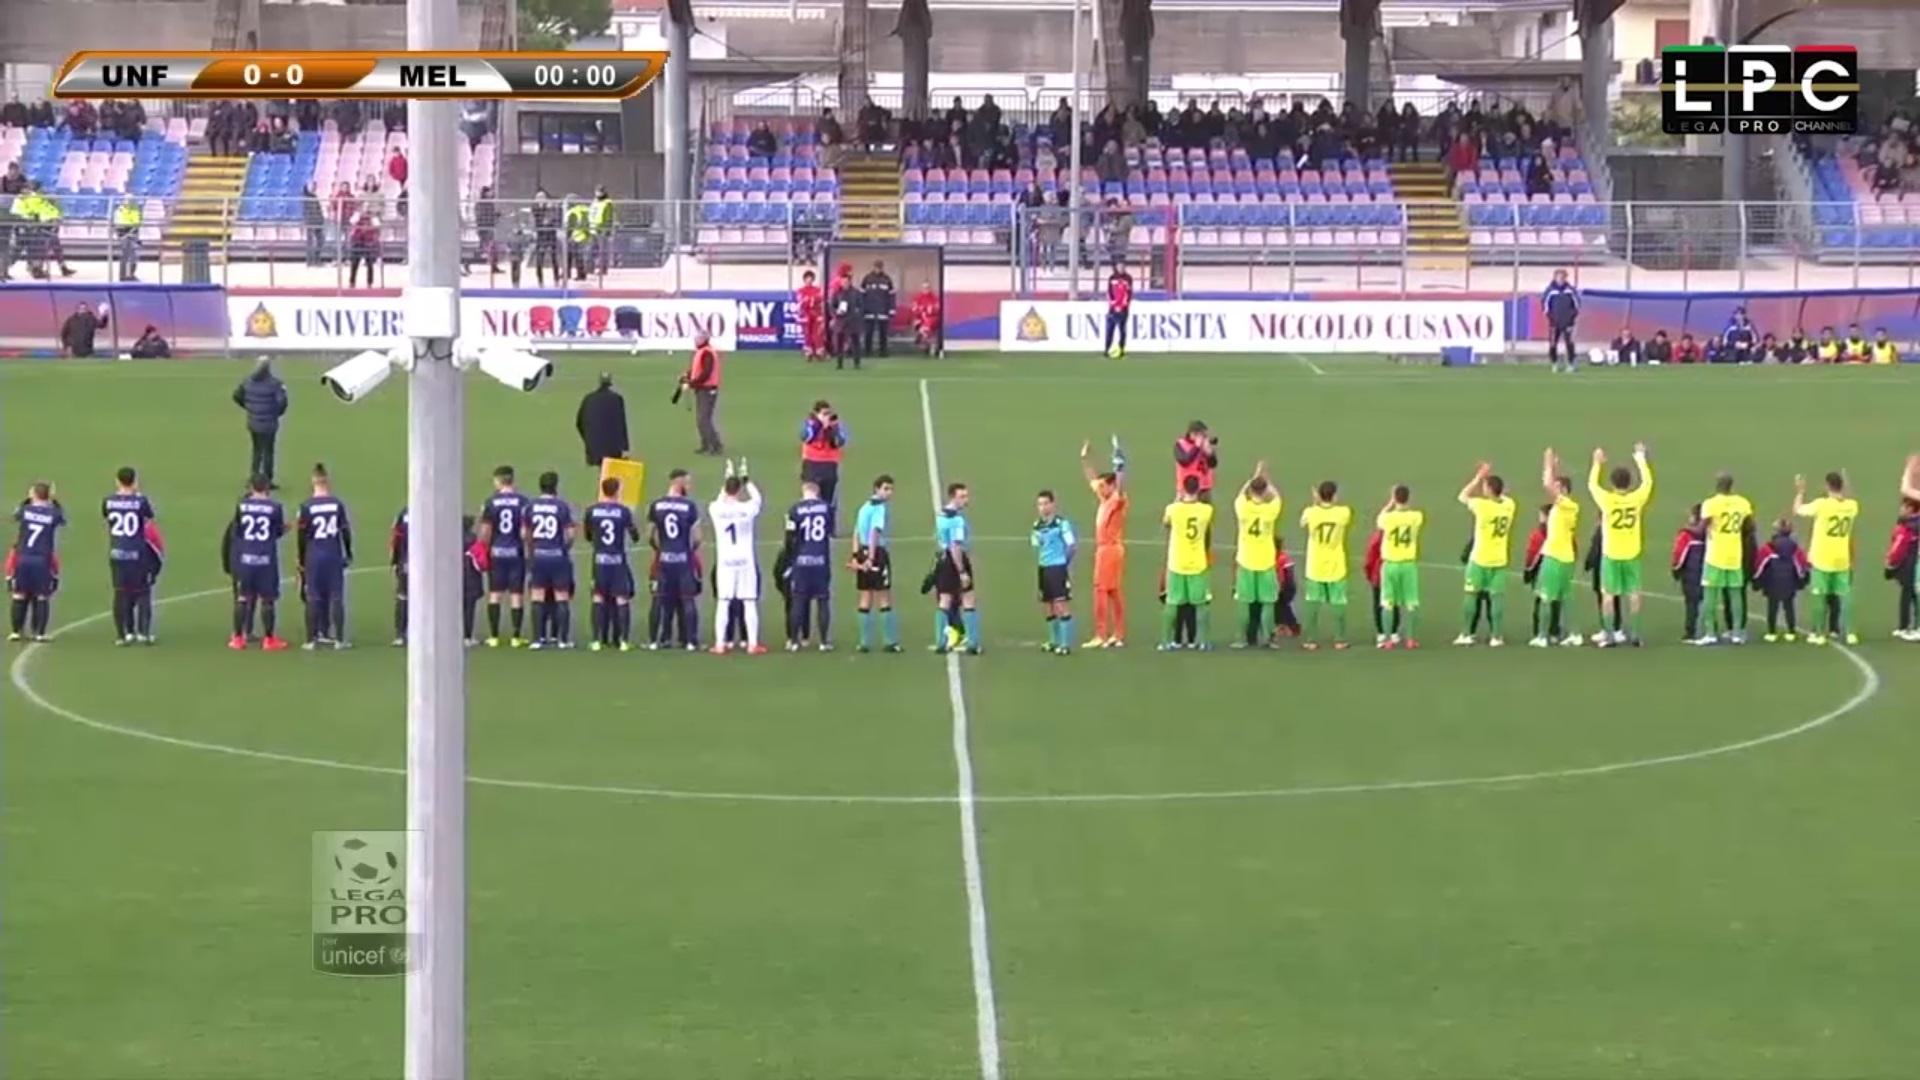 Fondi-Foggia Sportube: streaming diretta live, ecco come vedere la partita